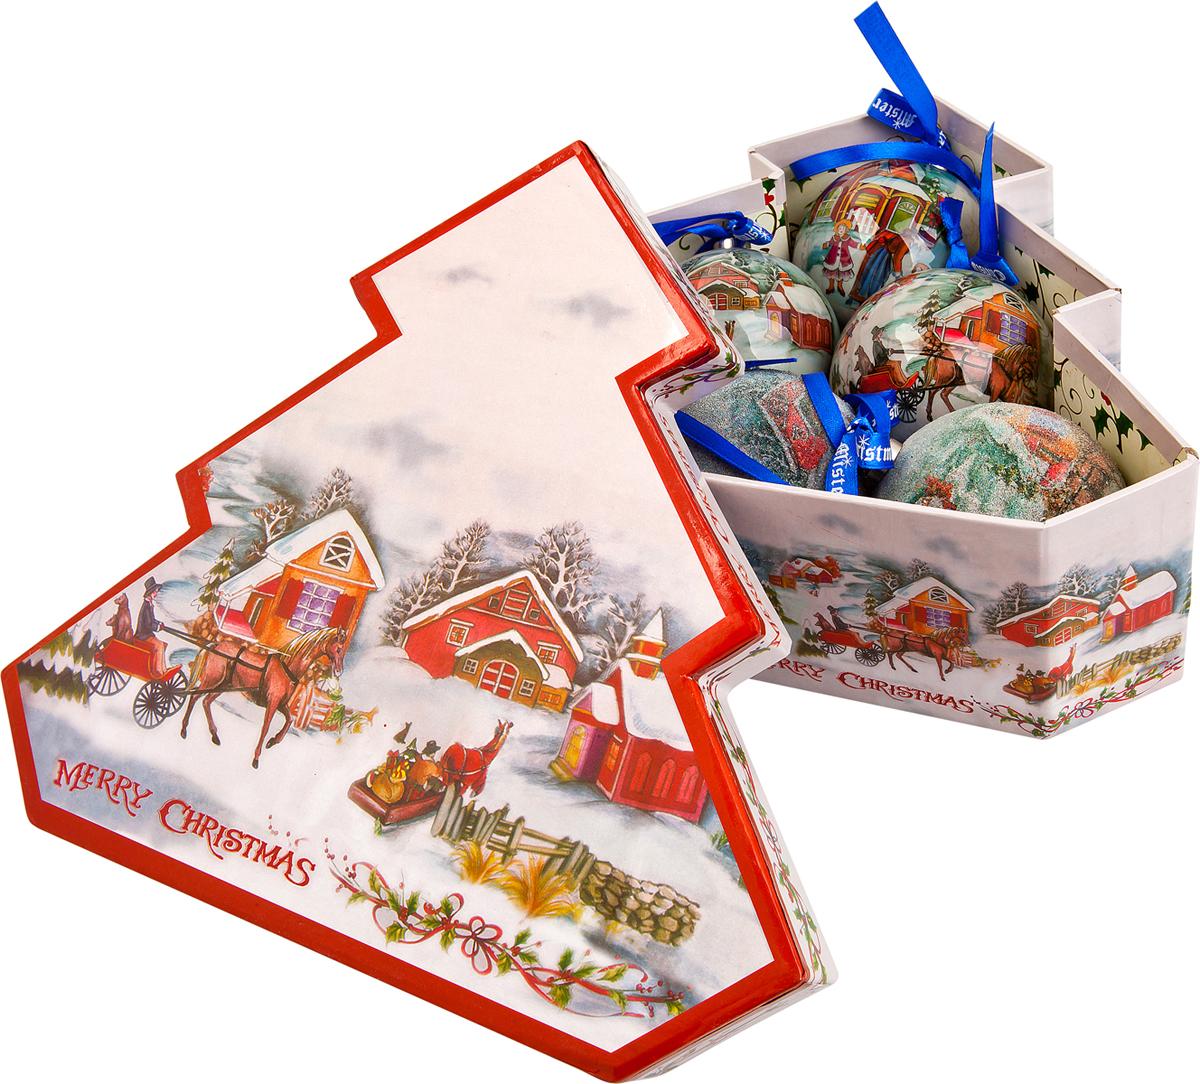 Набор новогодних подвесных украшений Mister Christmas Папье-маше, диаметр 7,5 см, 6 шт. PM-13-6T шкатулки mister christmas композиция музыкальная